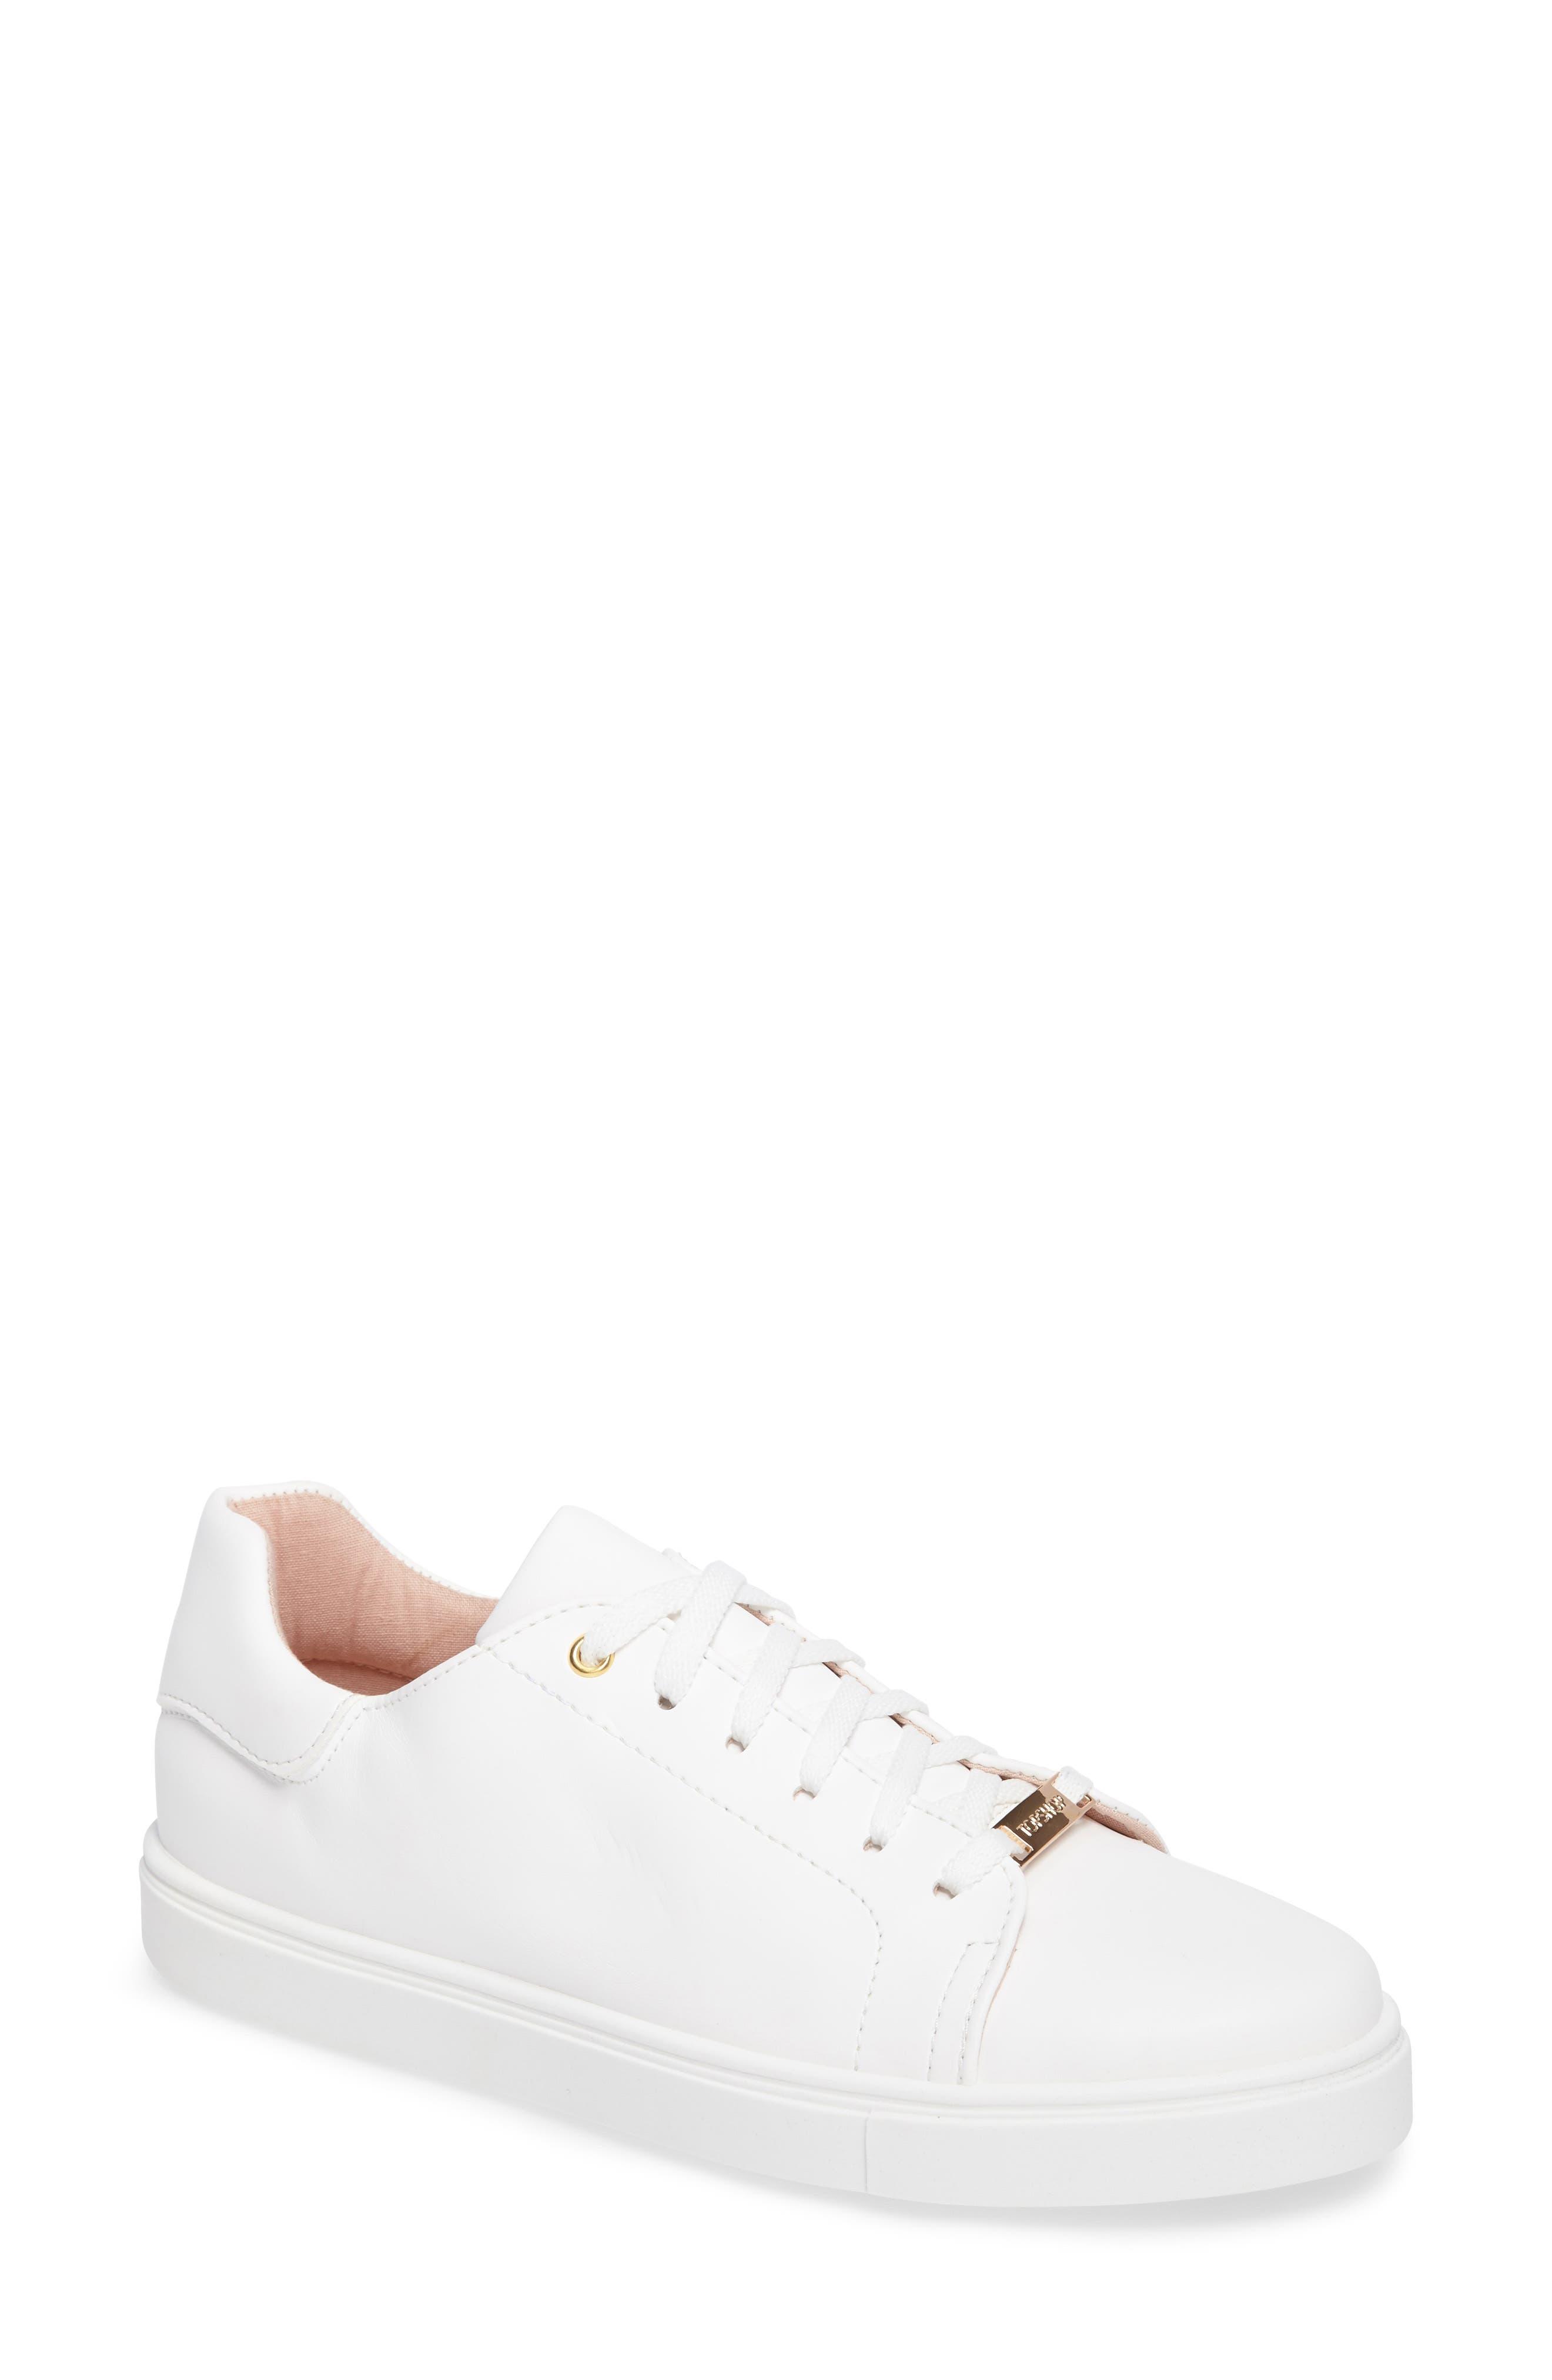 Topshop Cluster Sneaker (Women)